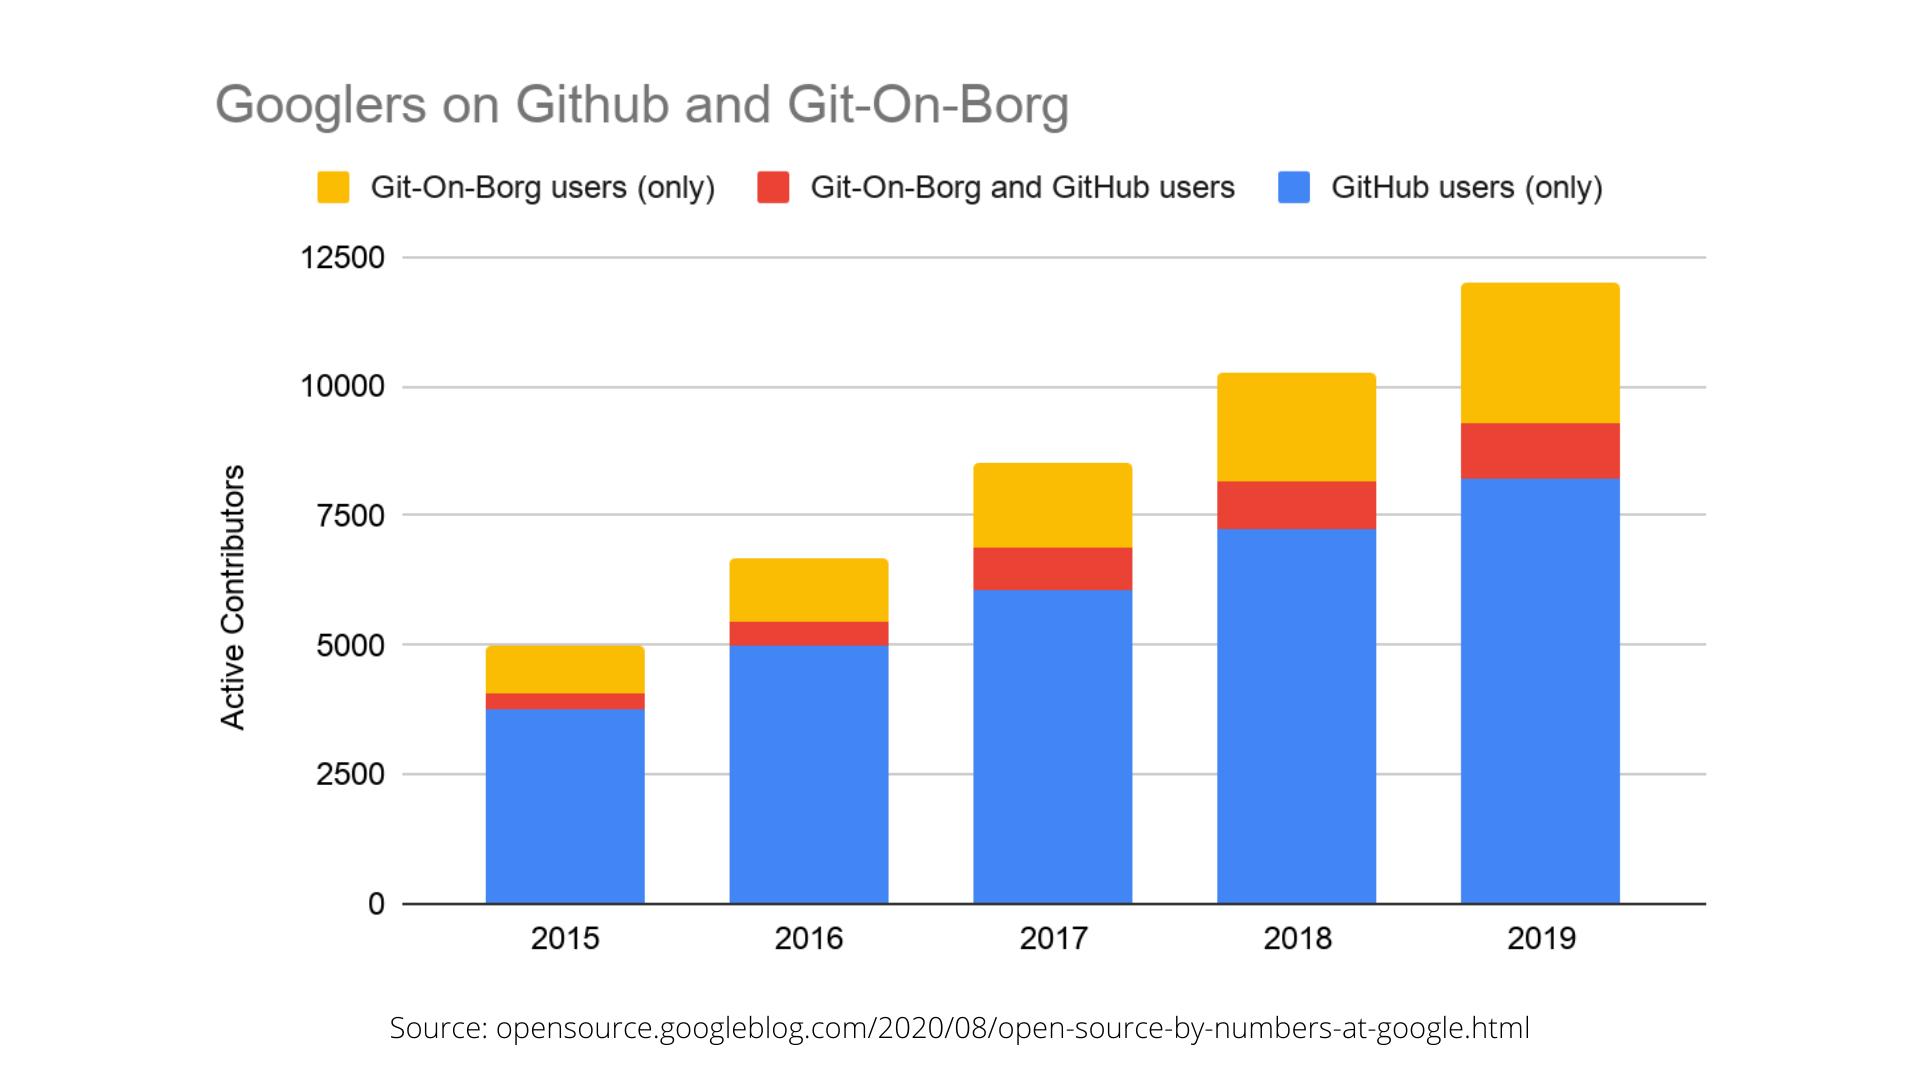 Googlers on github